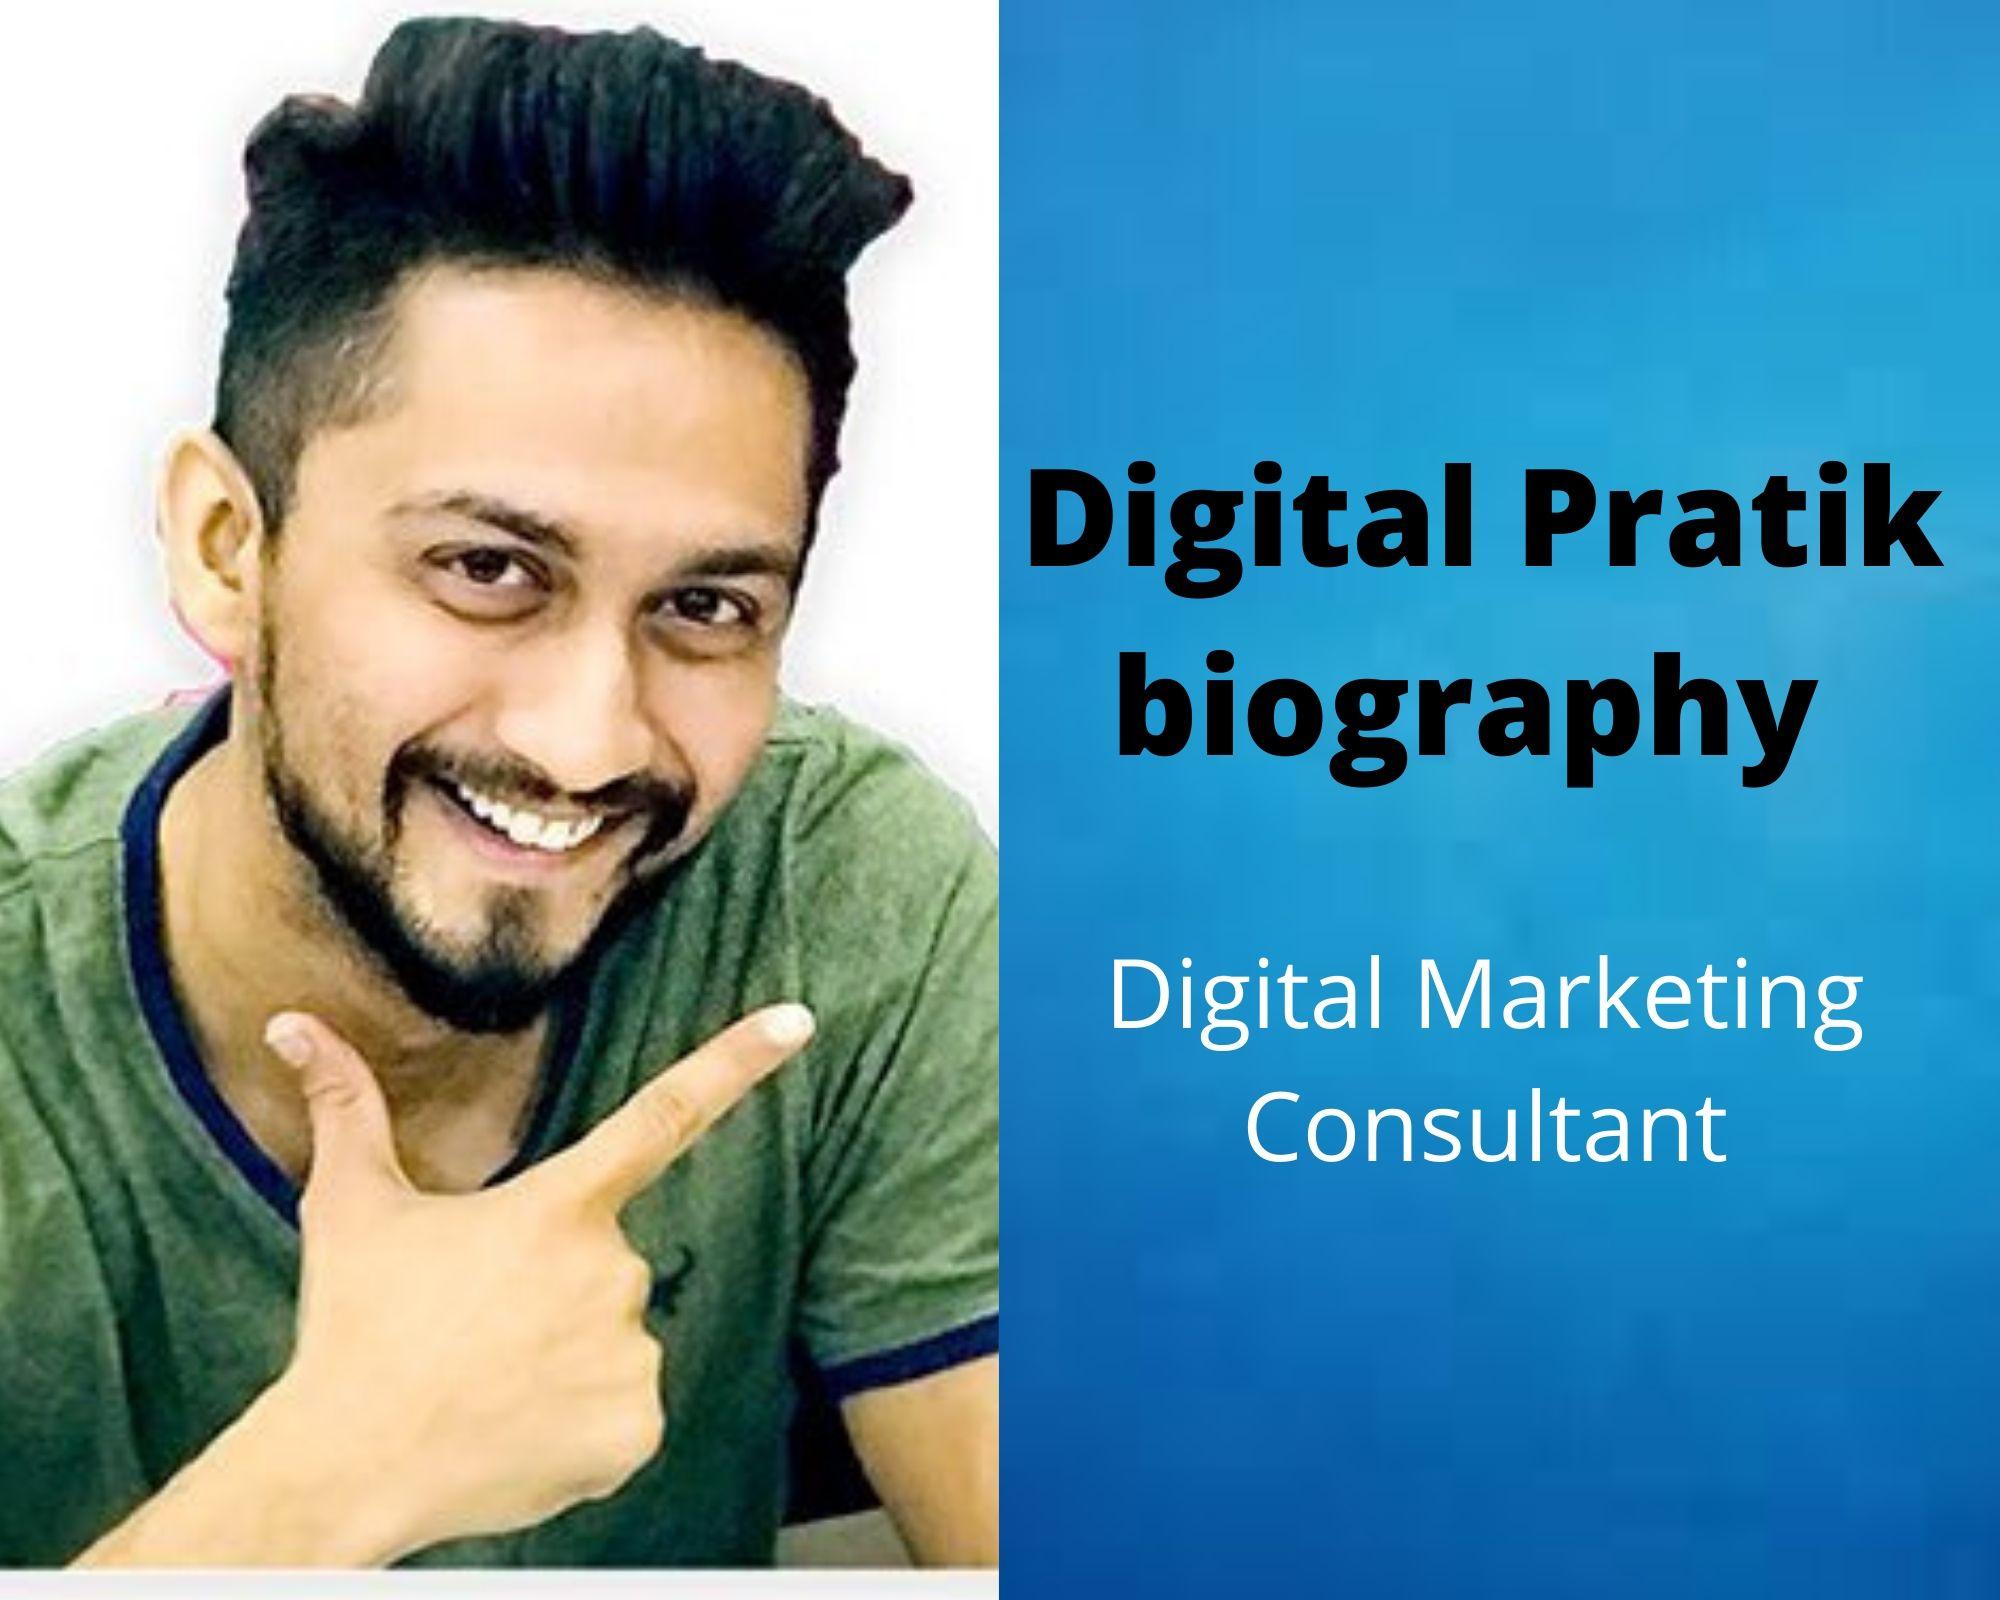 Digital Pratik biography